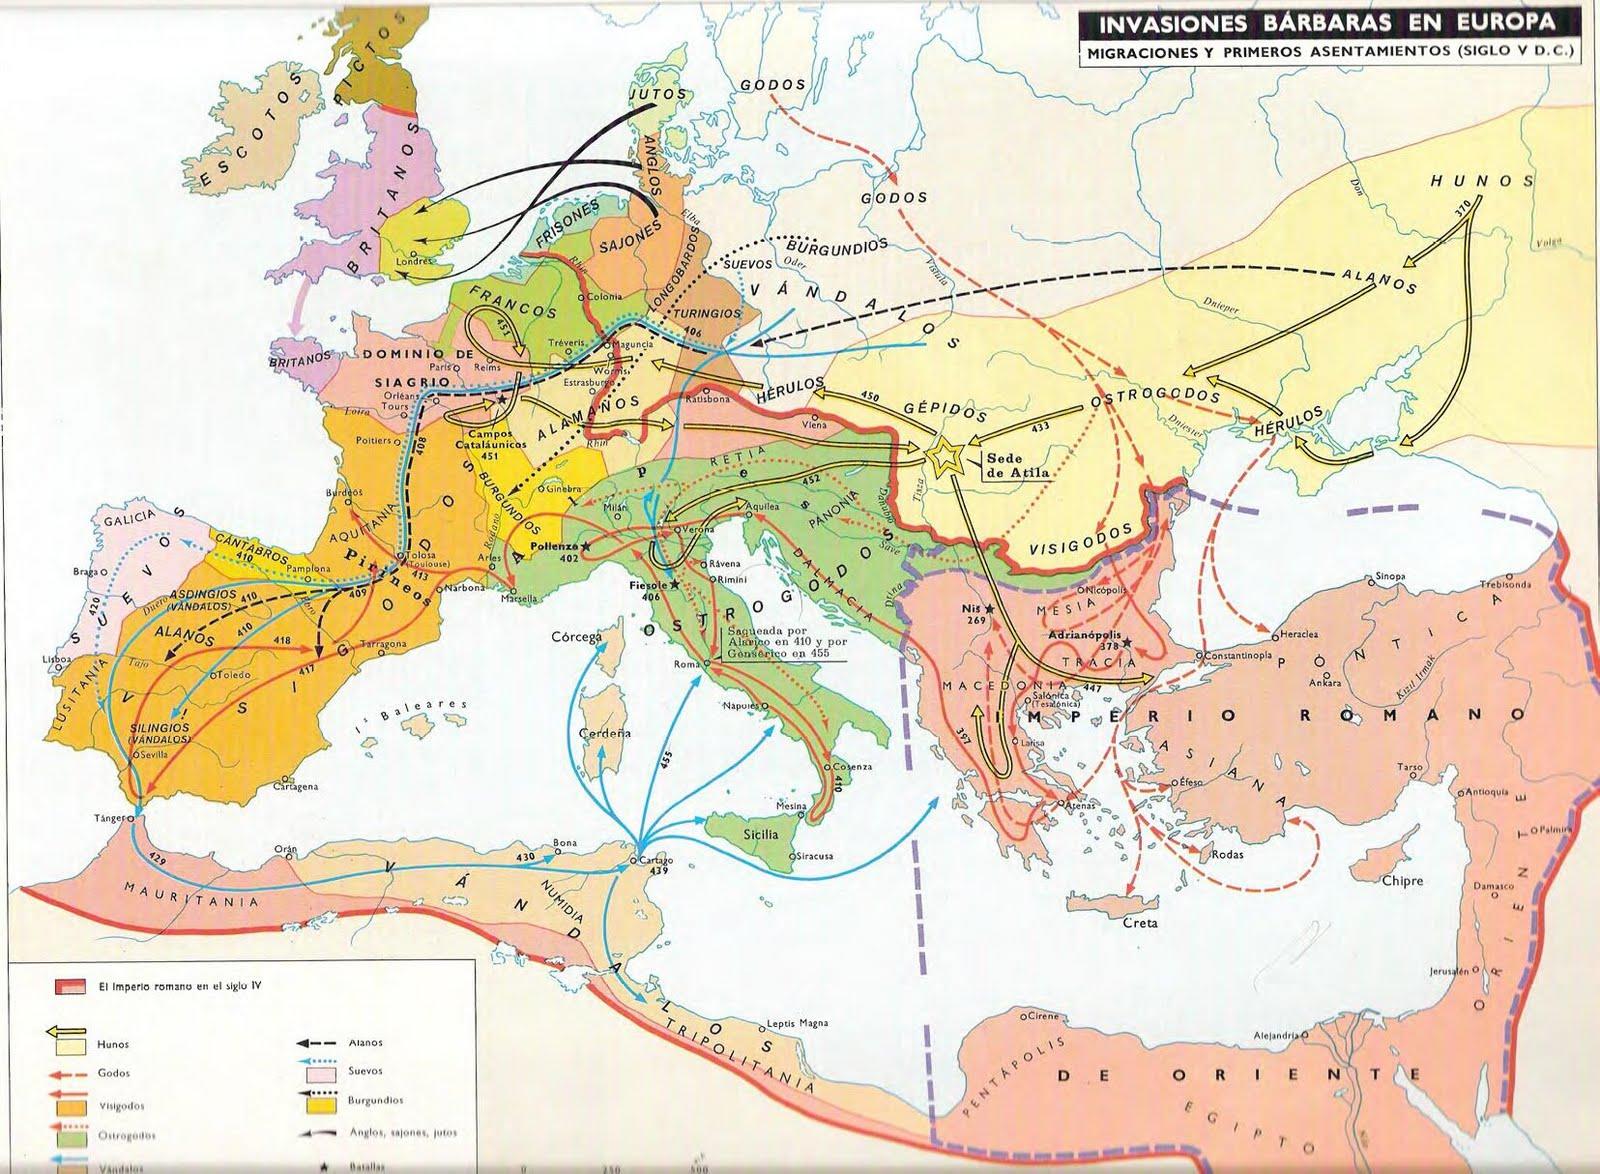 Las Invasiones Bárbaras de Europa Siglo V